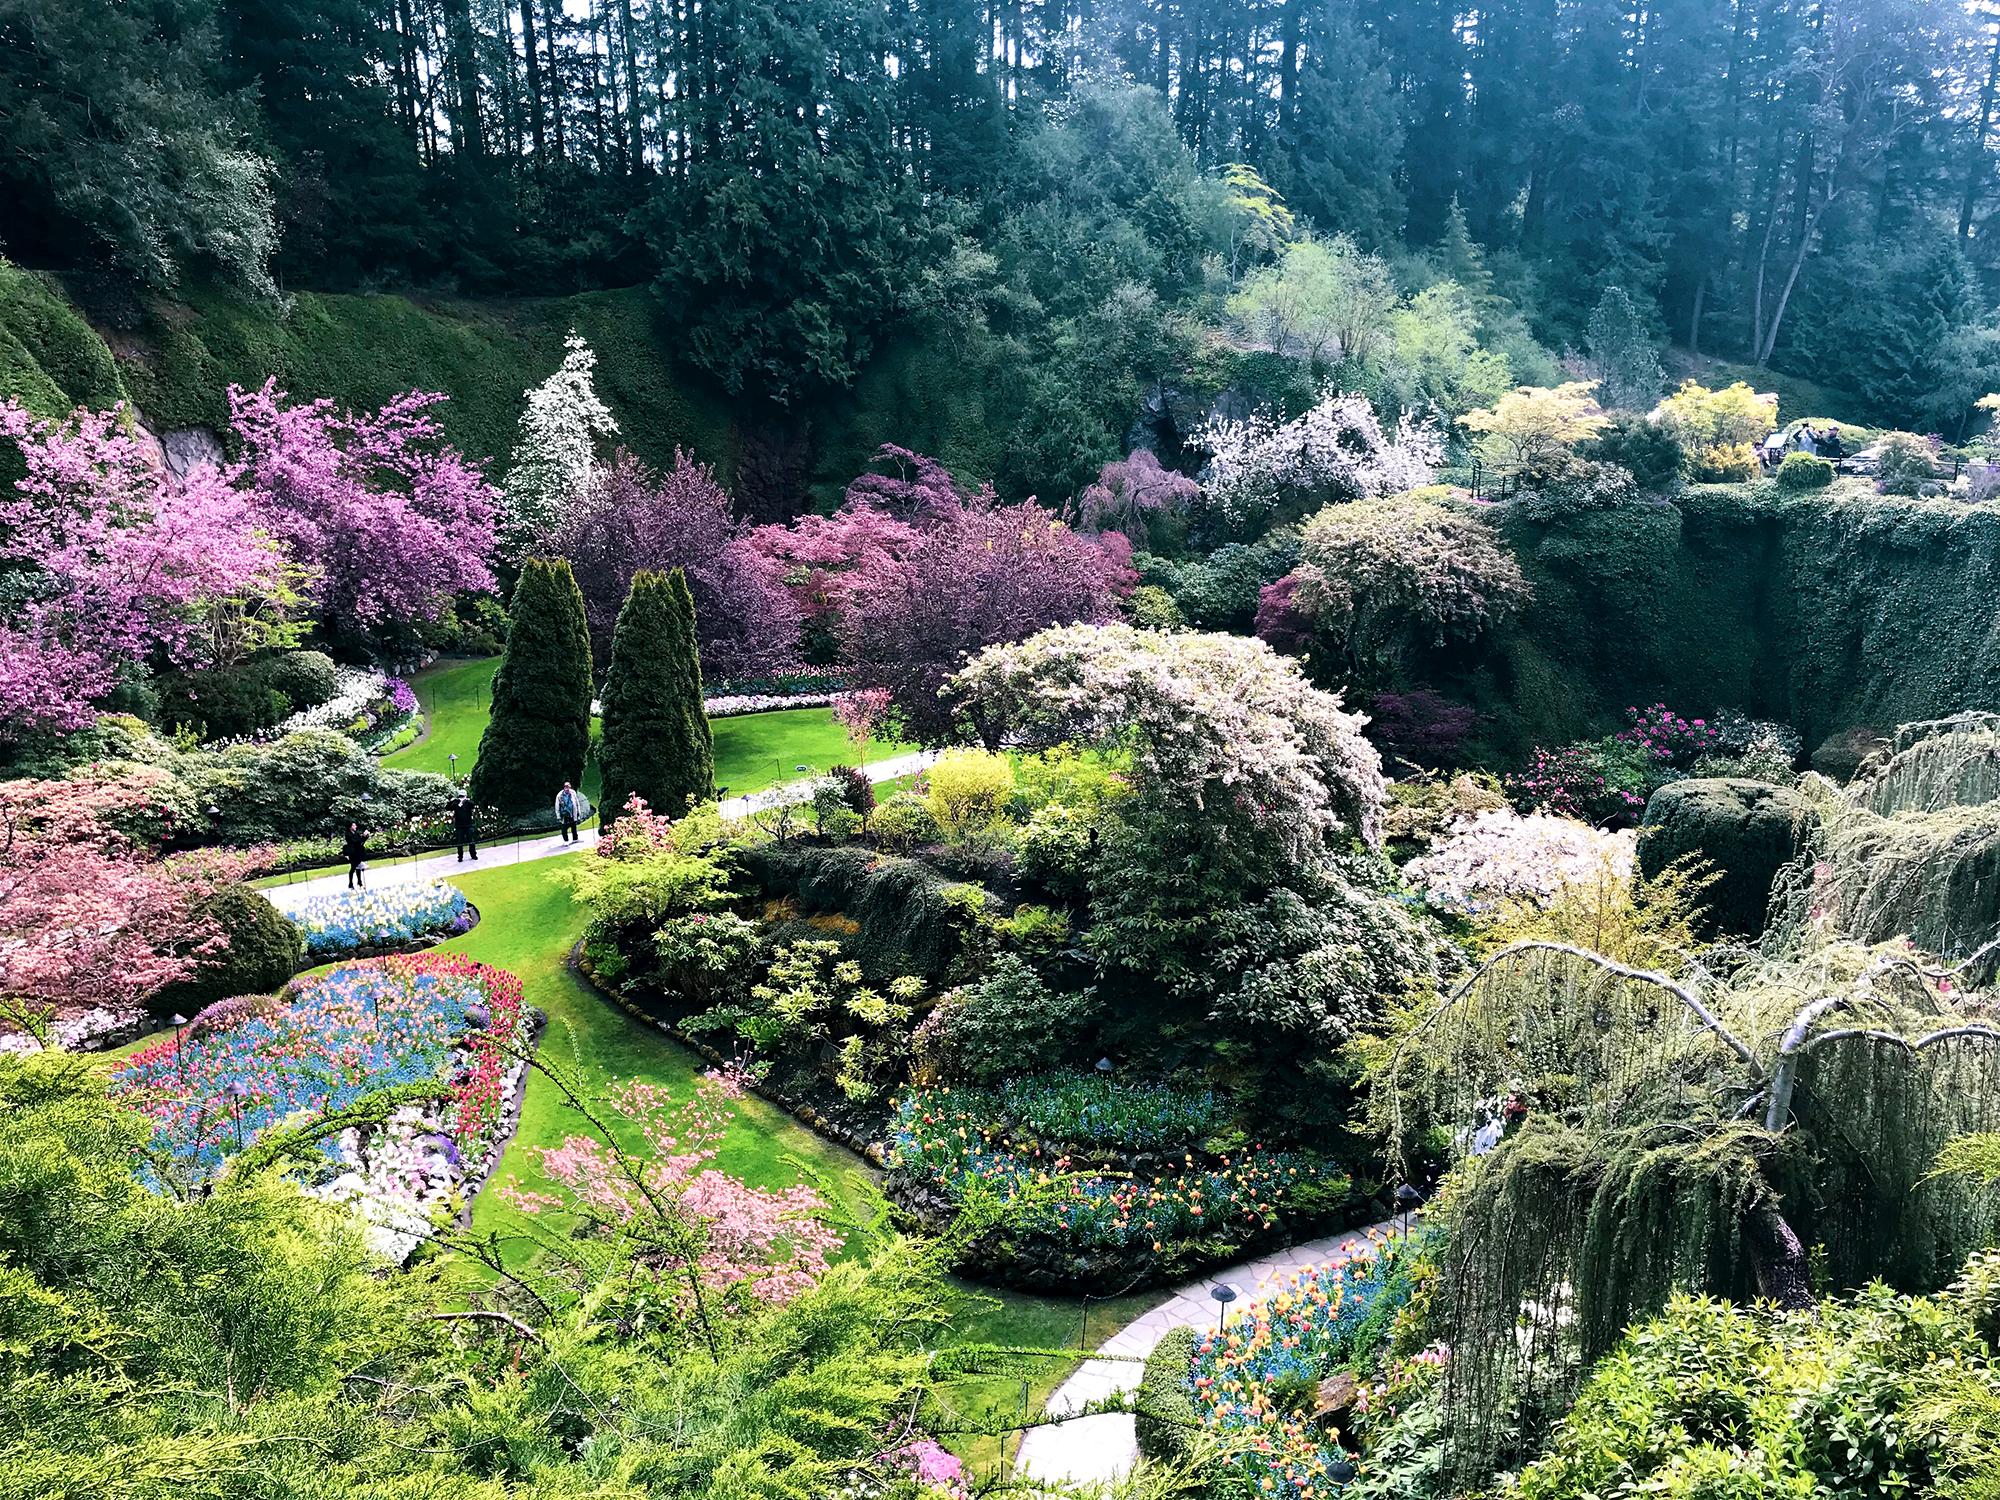 Generic Van Life - Vancouver Island Butchart Gardens Sunken